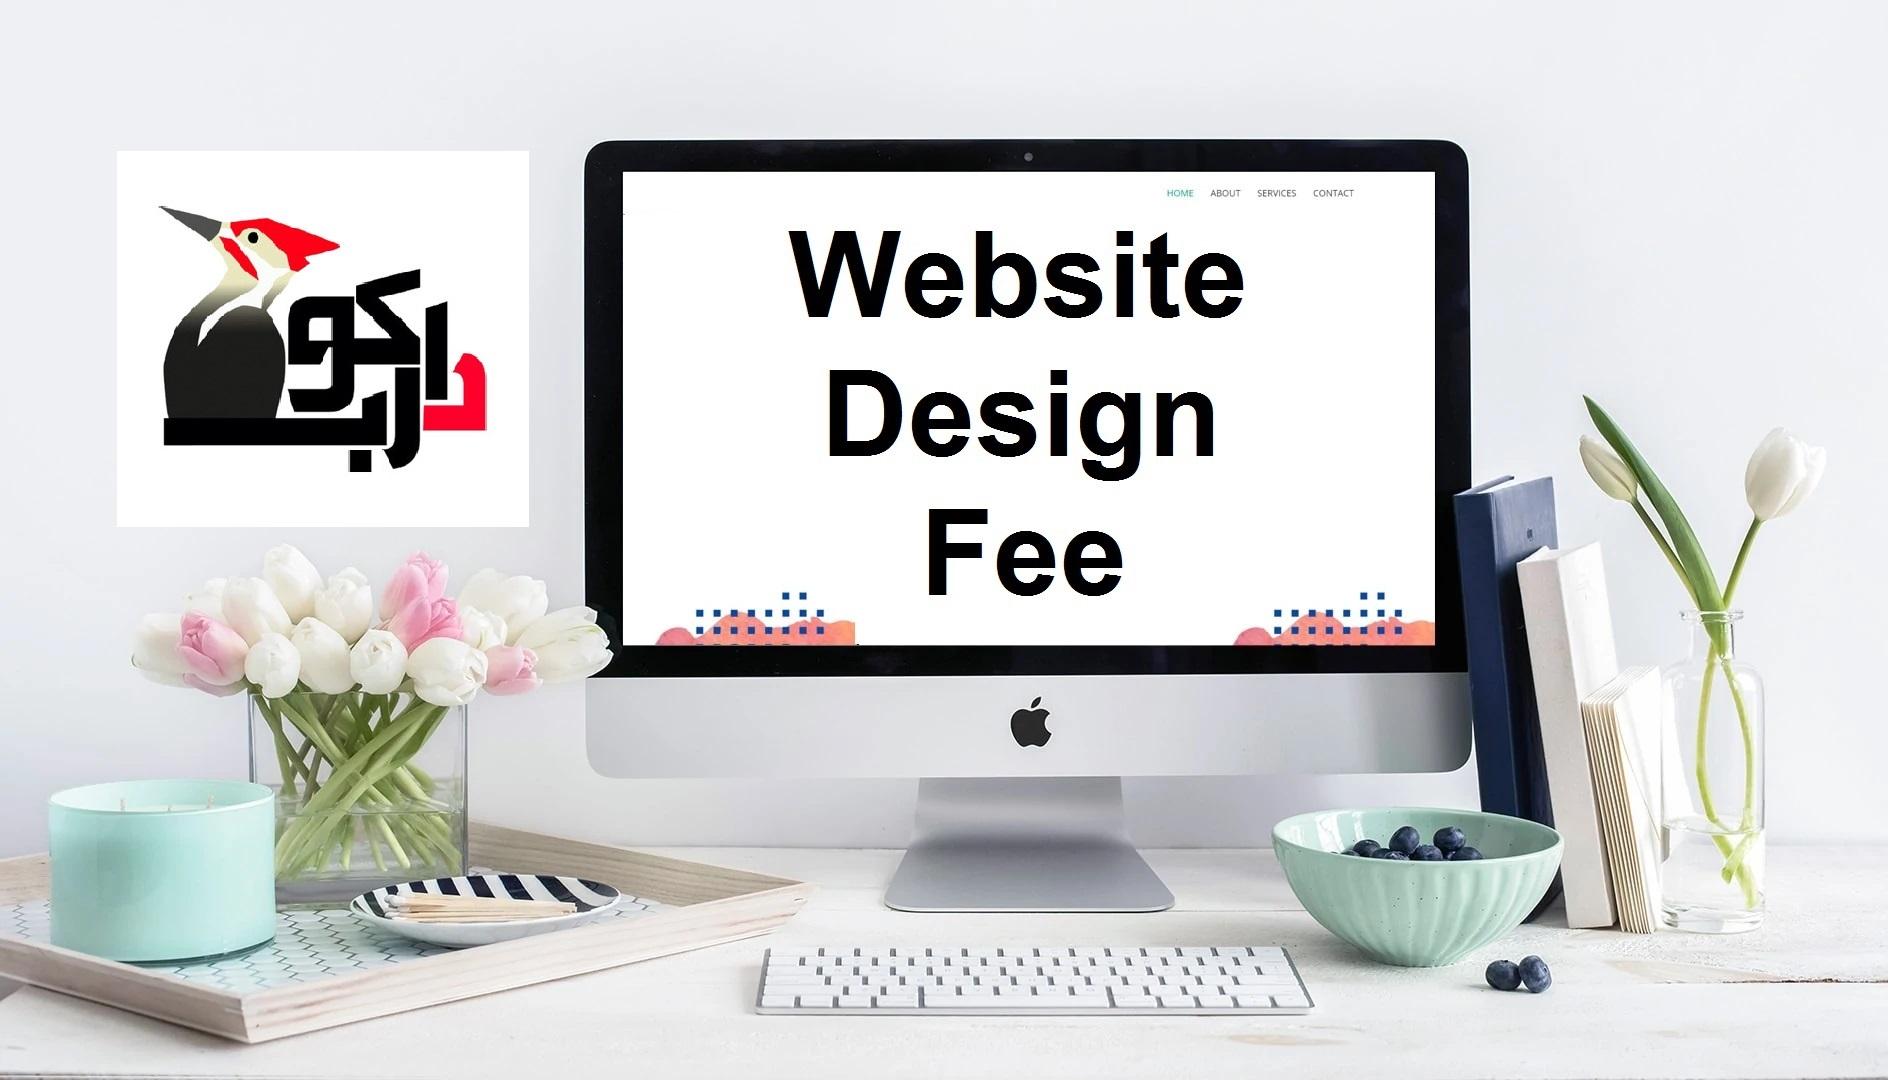 دستمزد طراحی وبسایت در شرکت ایرانی دارکوب